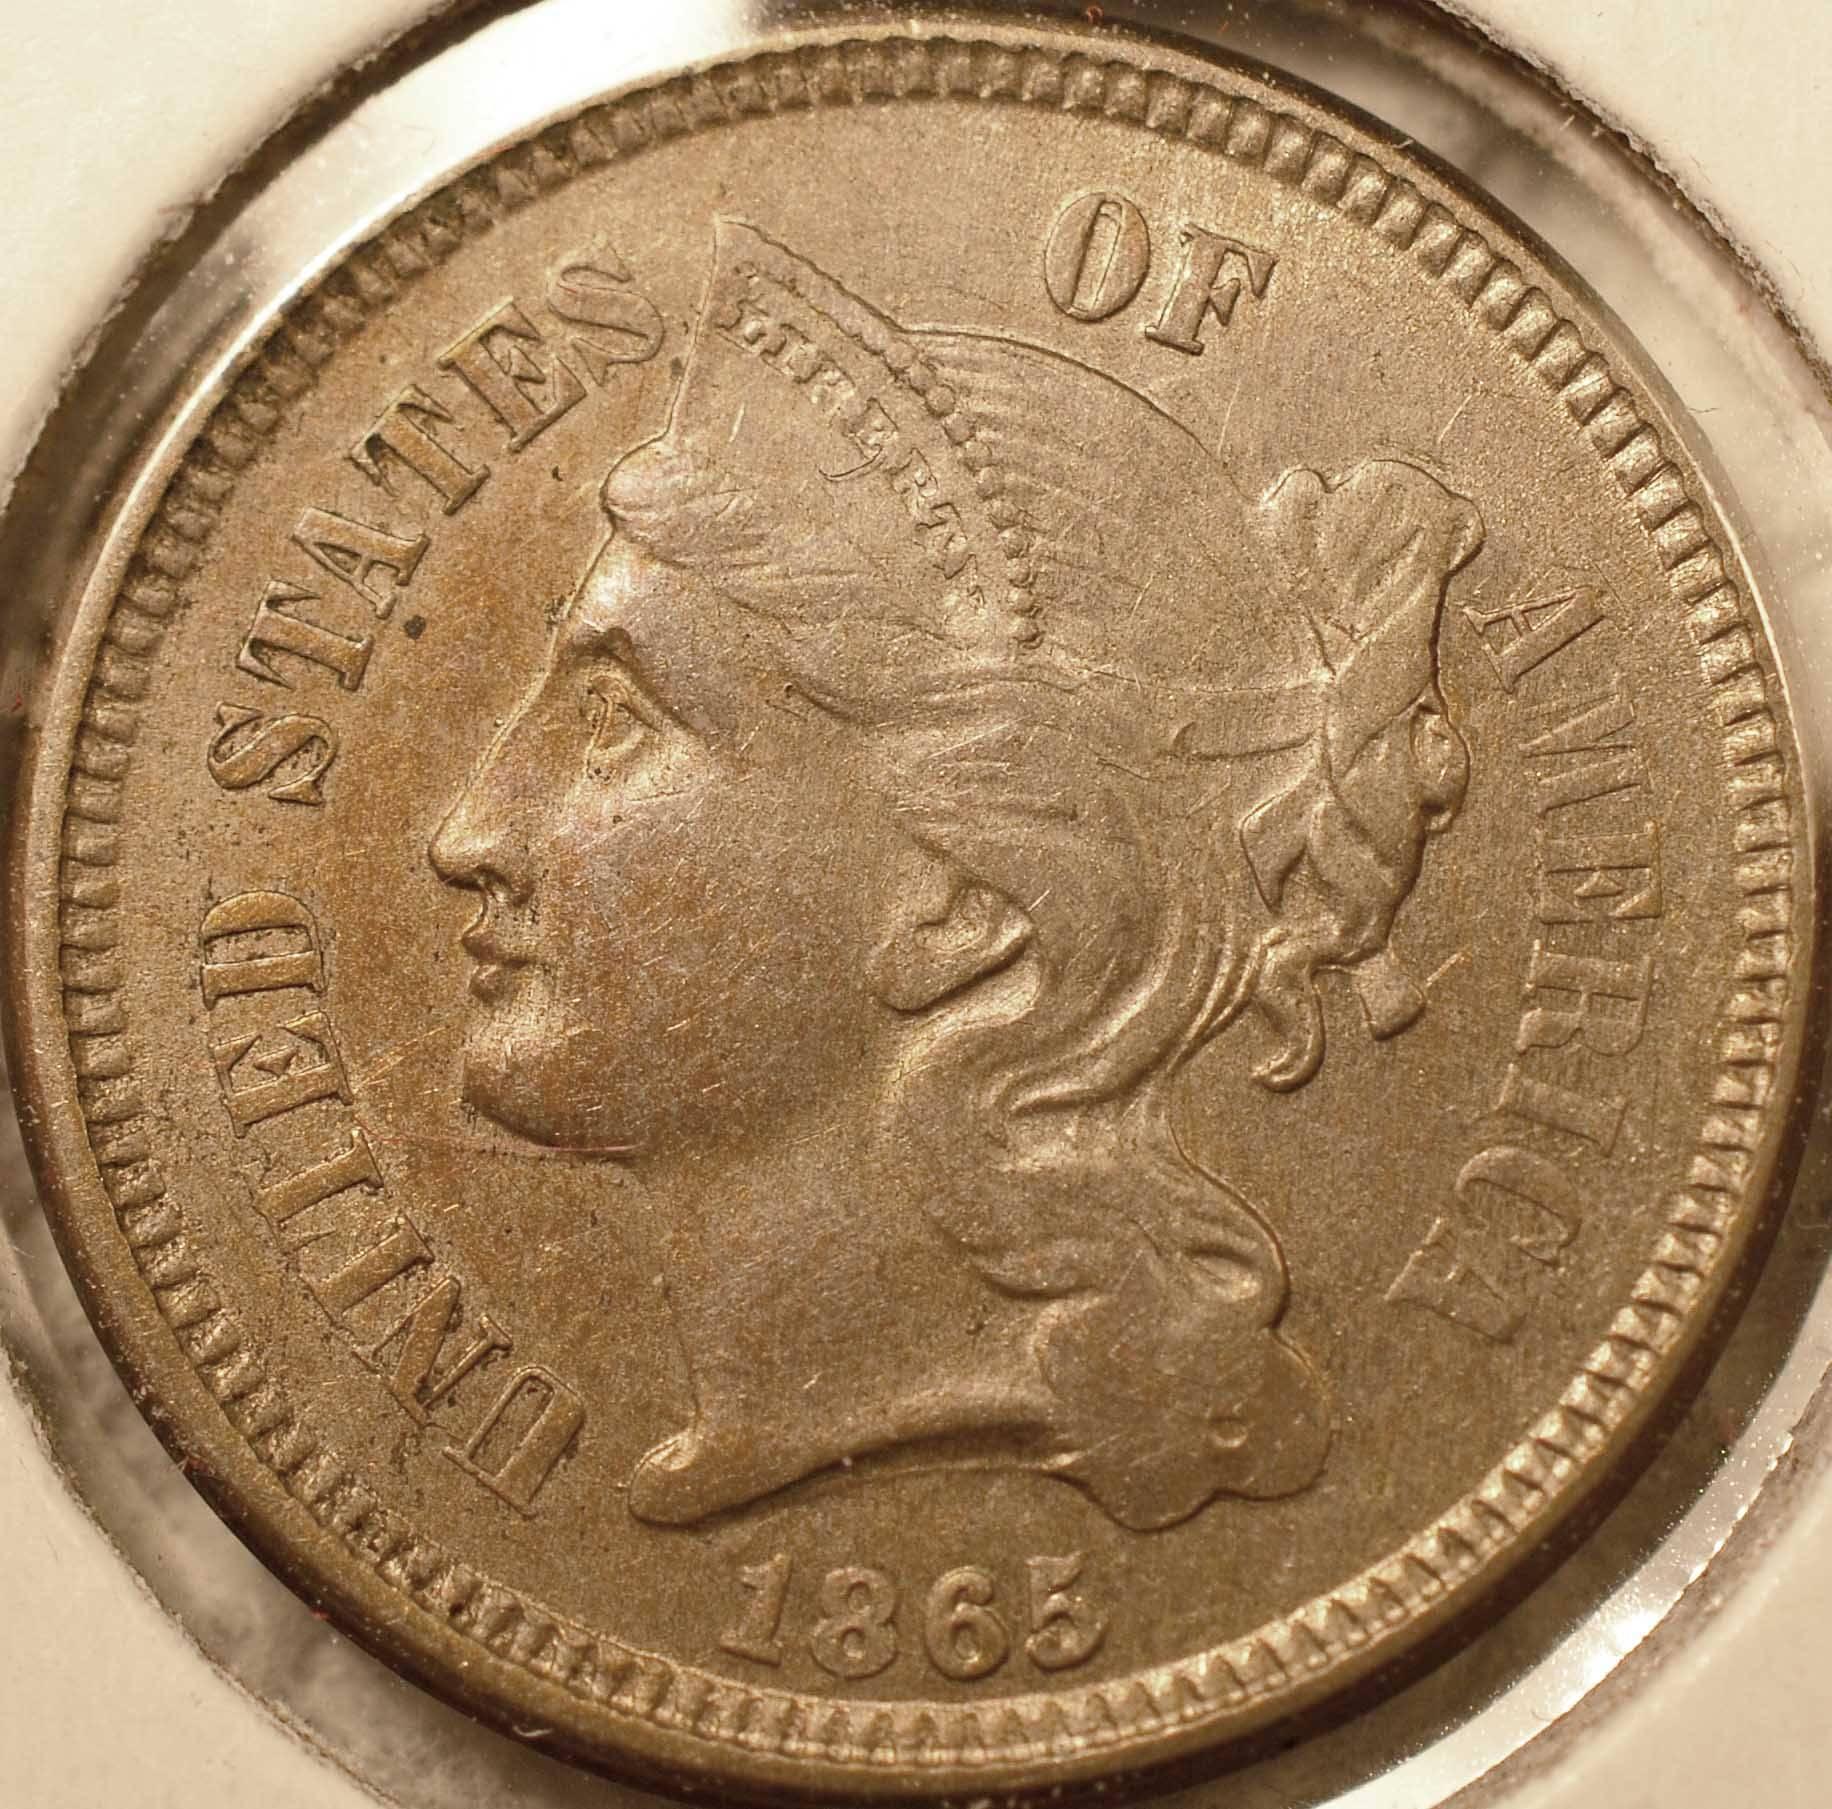 1865 3-Cent Nickel, AU (obverse)